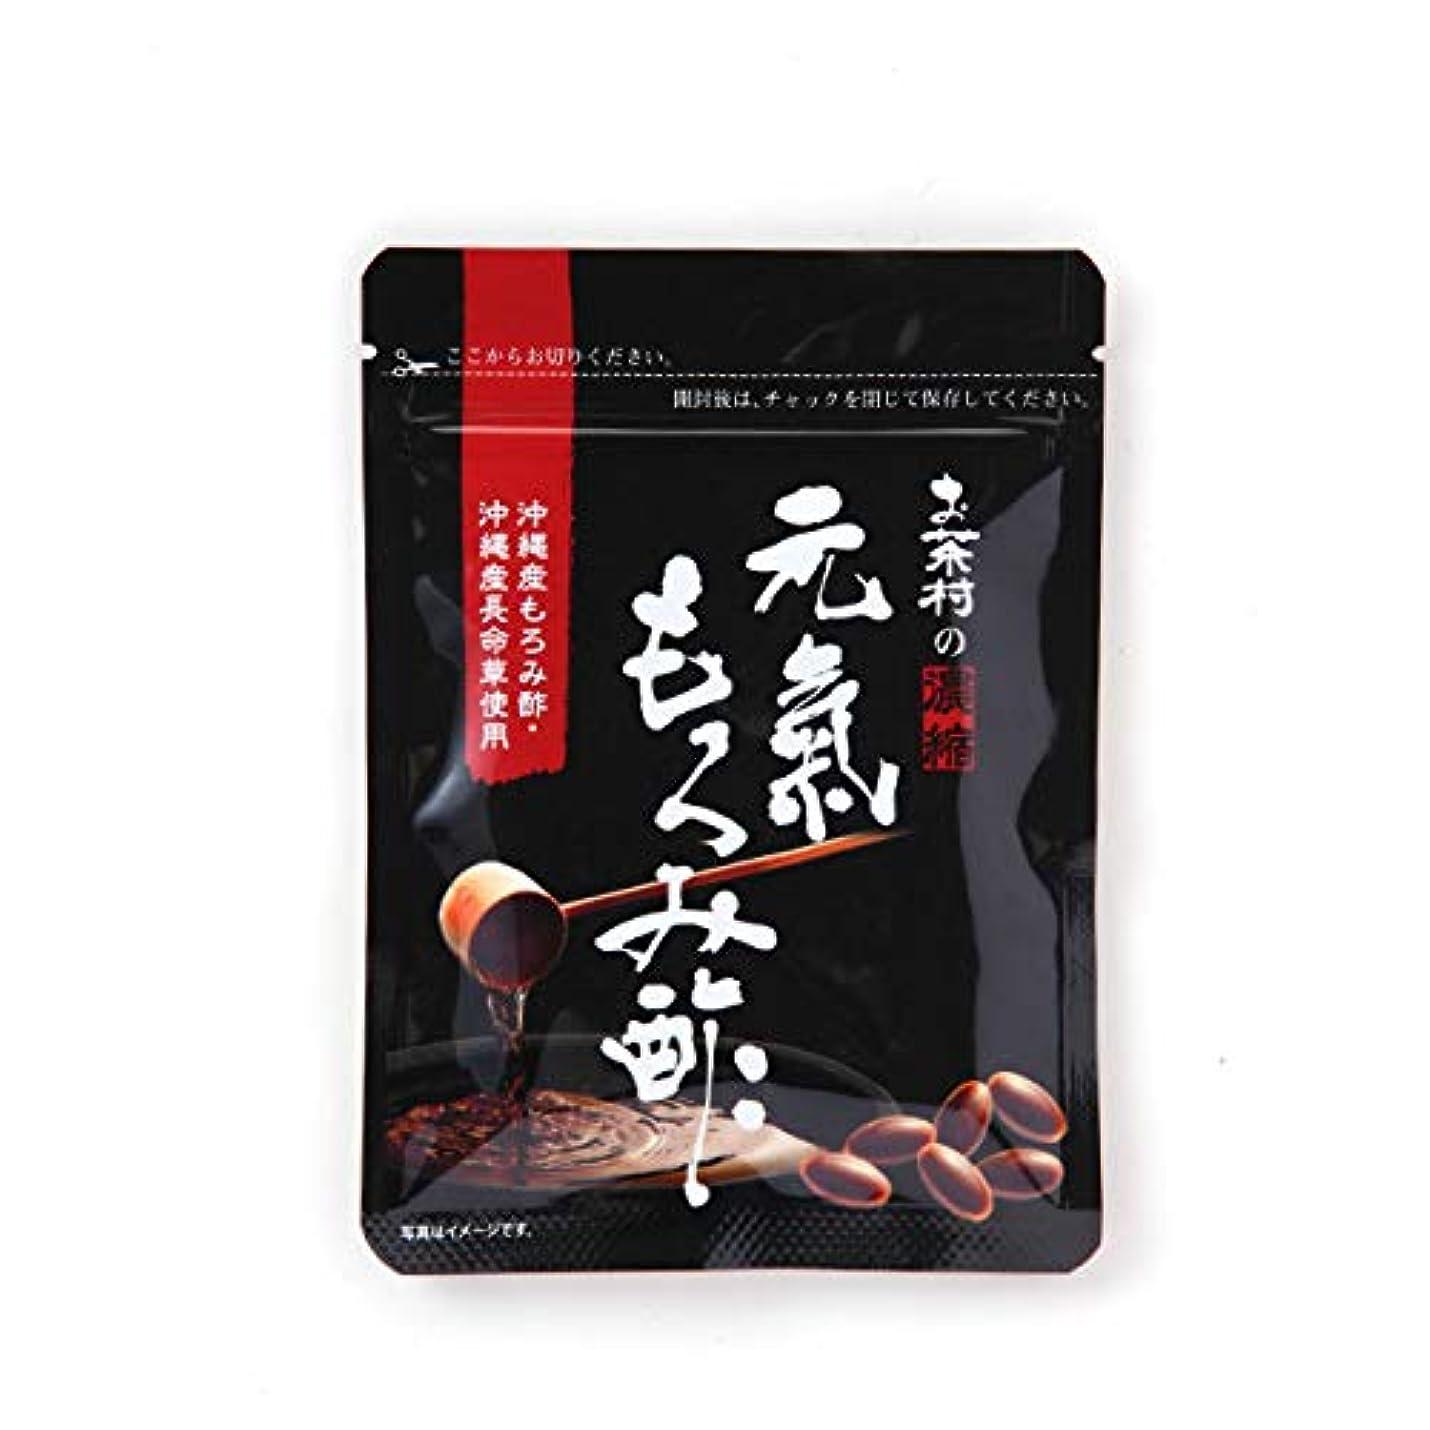 収束バイオレットスタウトお茶村 濃縮 元氣 もろみ酢 ( 560mg × 62粒 - 約1ヶ月分 )